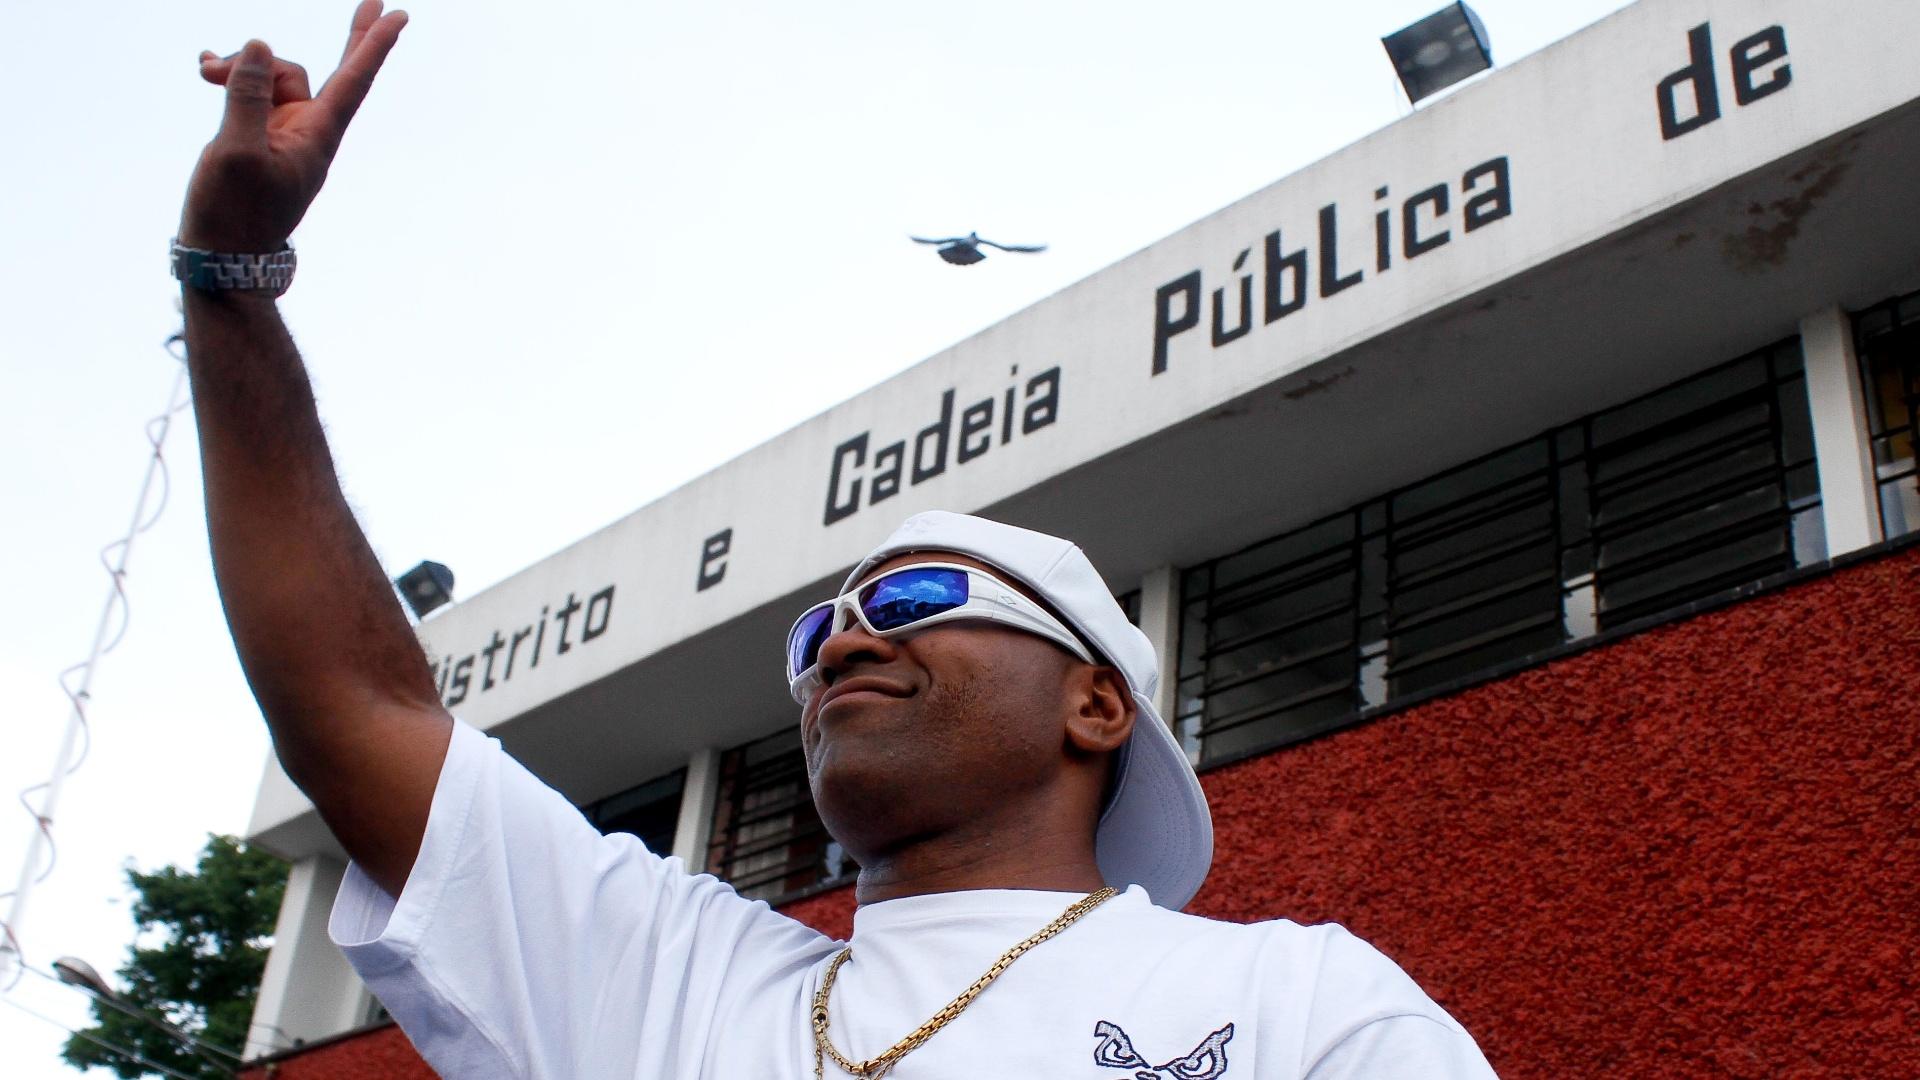 Viola acena ao sair da cadeia de Carapicuíba, na Grande São Paulo; o ex-atacante do Corinthians e da seleção brasileira, hoje jogador de showbol, passou 5 dias preso por porte ilegal de armas e acusação de violência doméstica (10/10/2012)